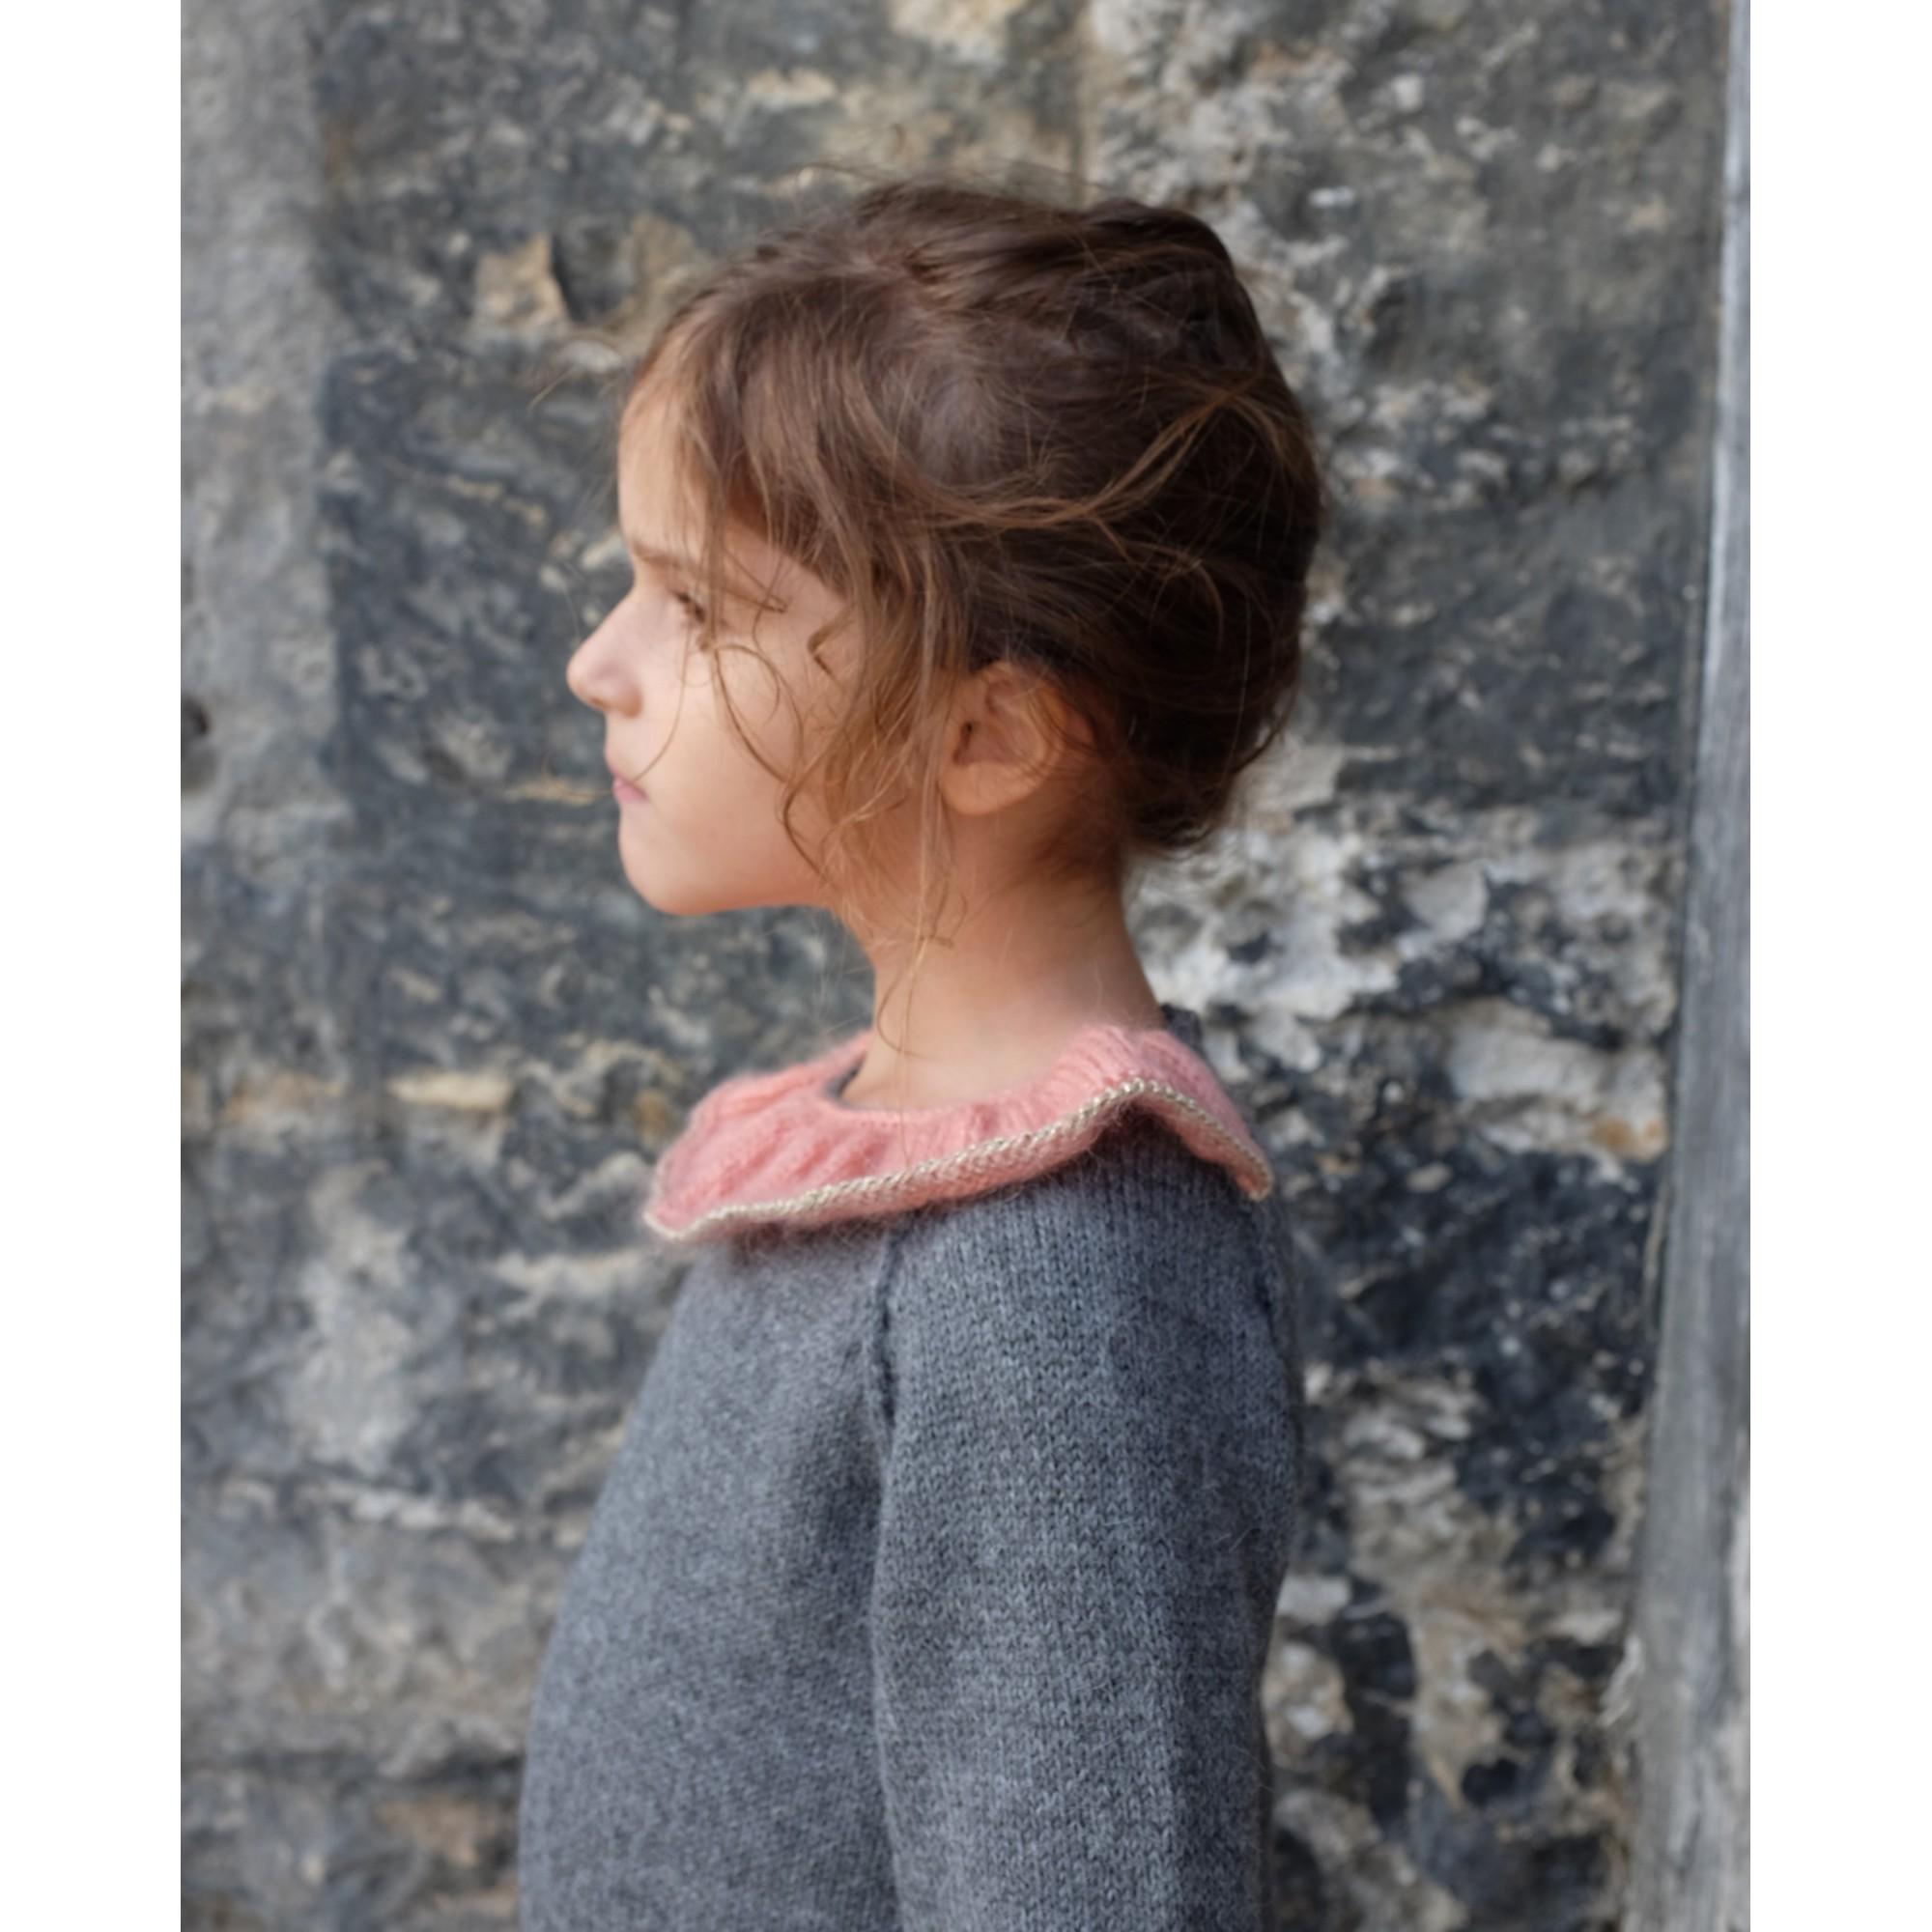 Pull Pierre pour bébé - coloris gris anthracite col vieux rose et doré - porté de profil